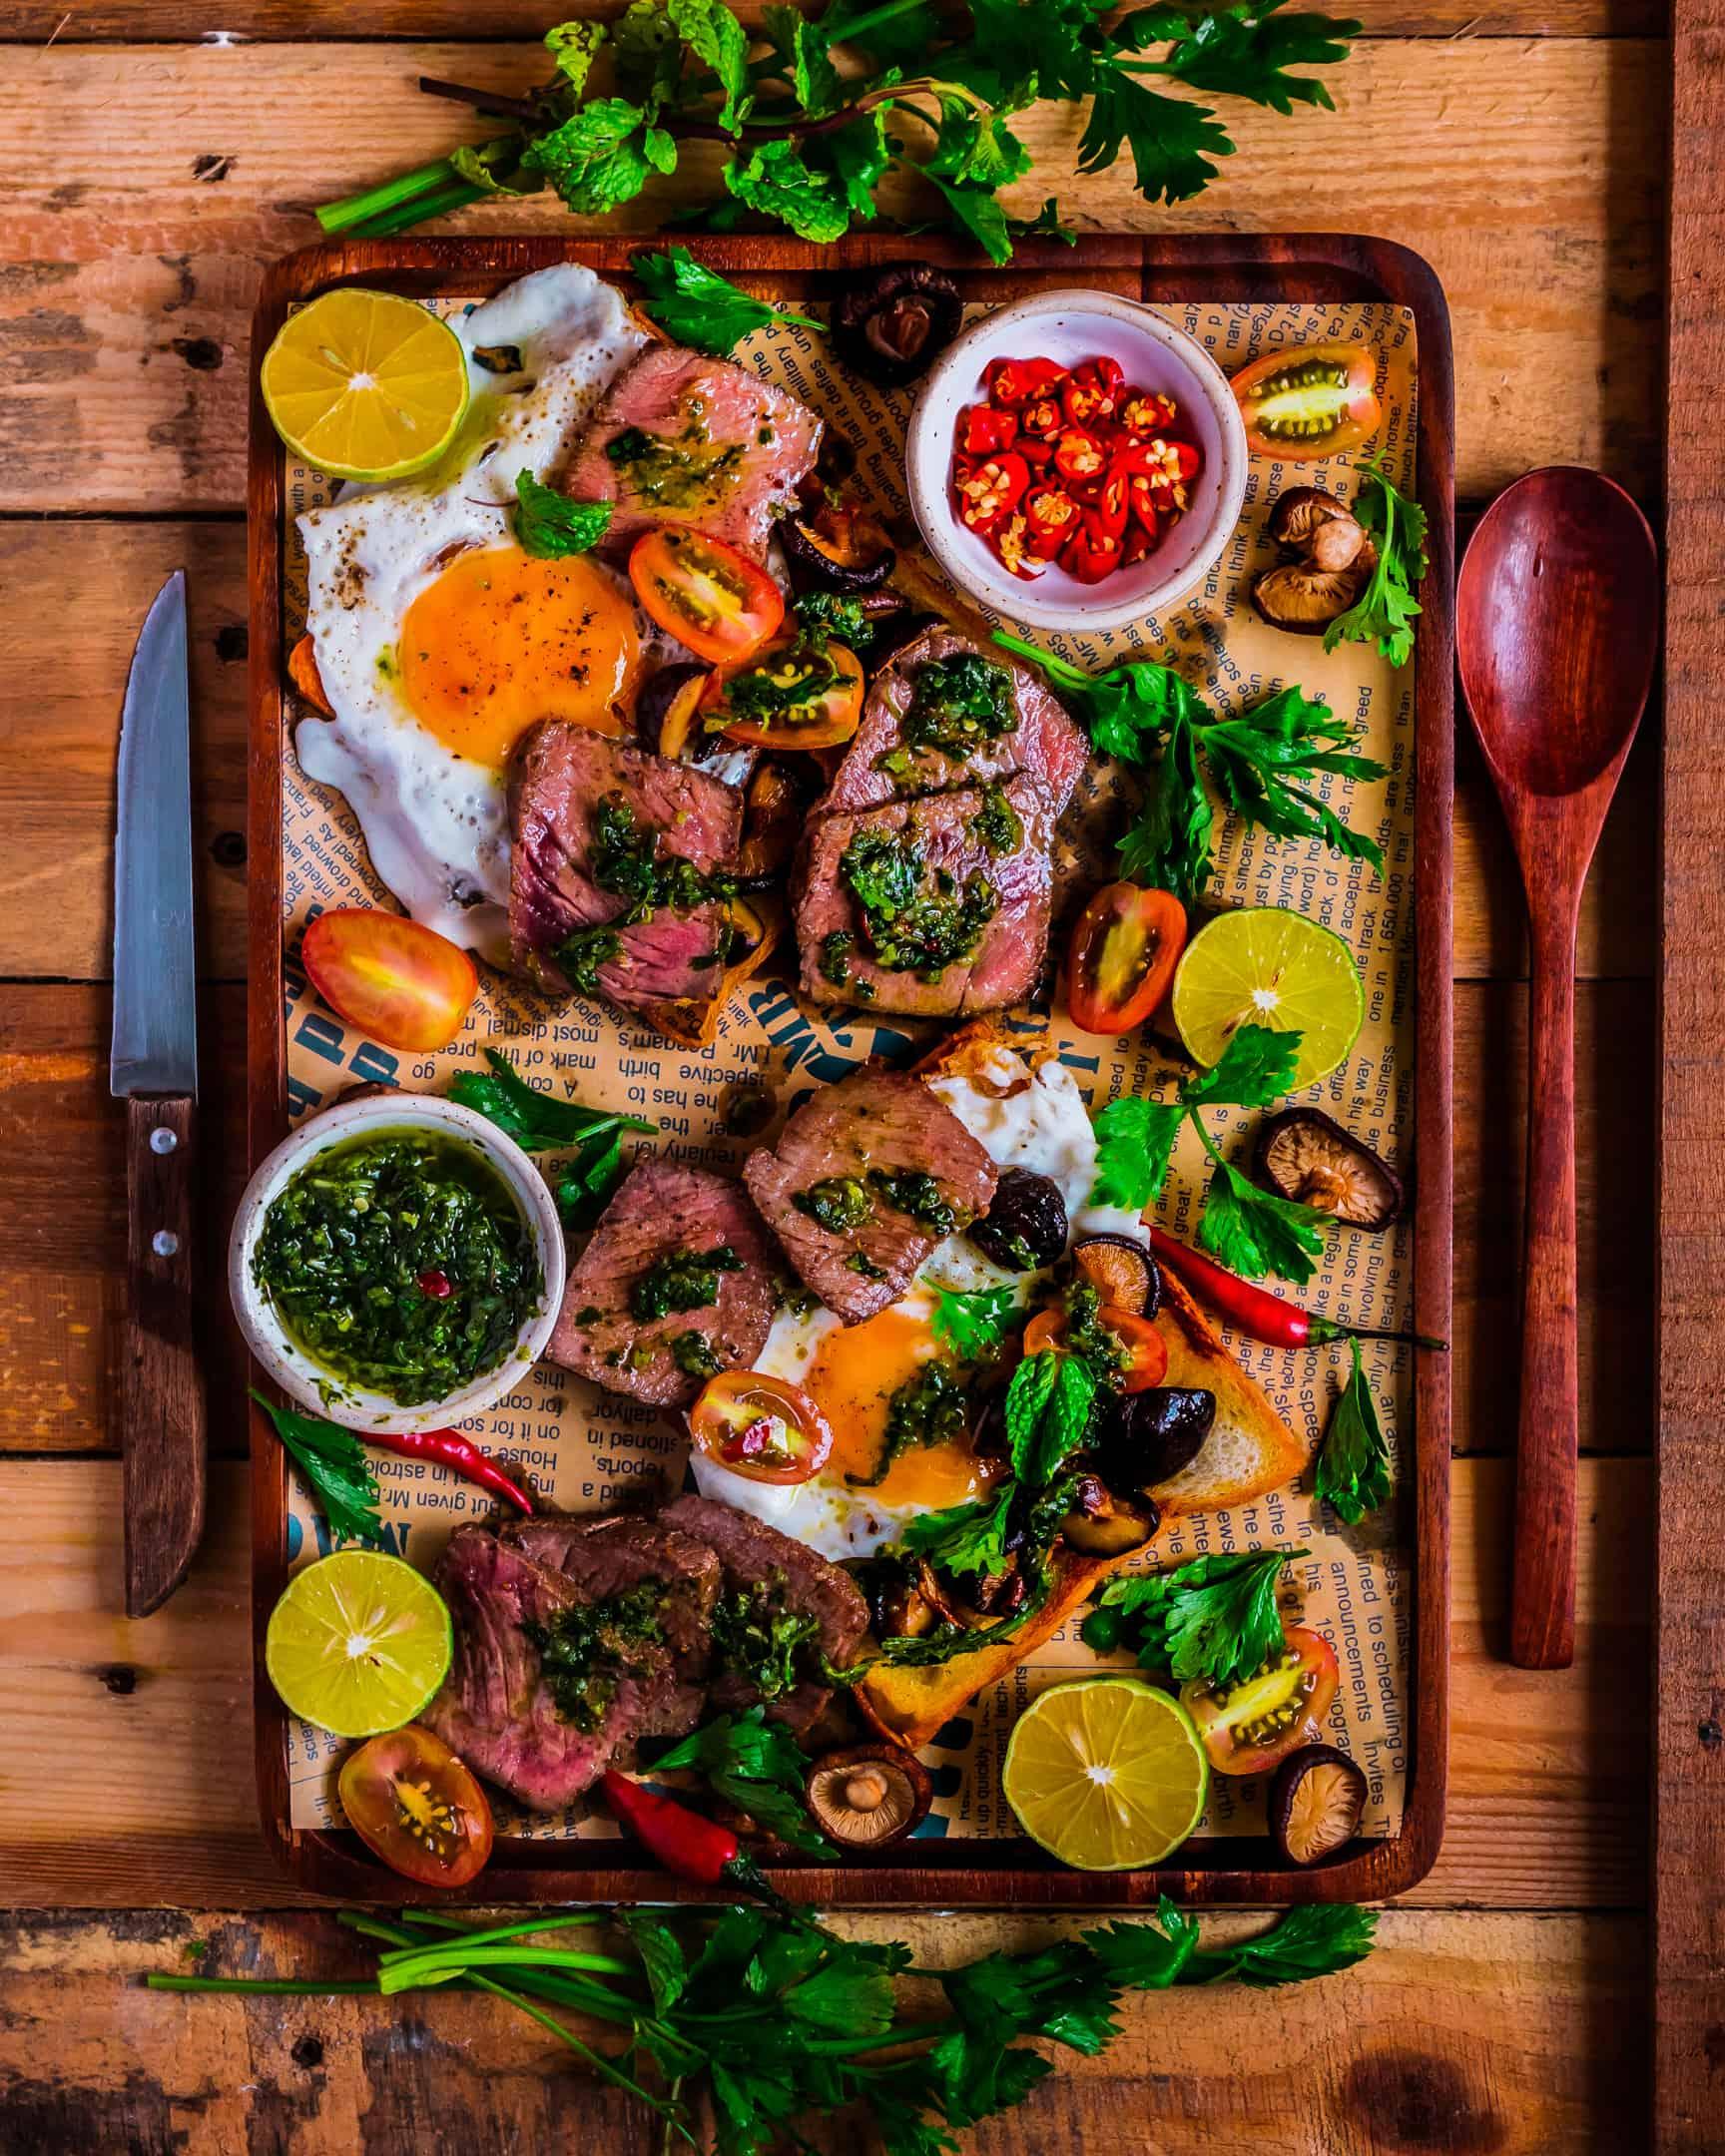 Steak và Trứng Sandwich cùng sốt Chimichurri - Cà Mên Gỗ